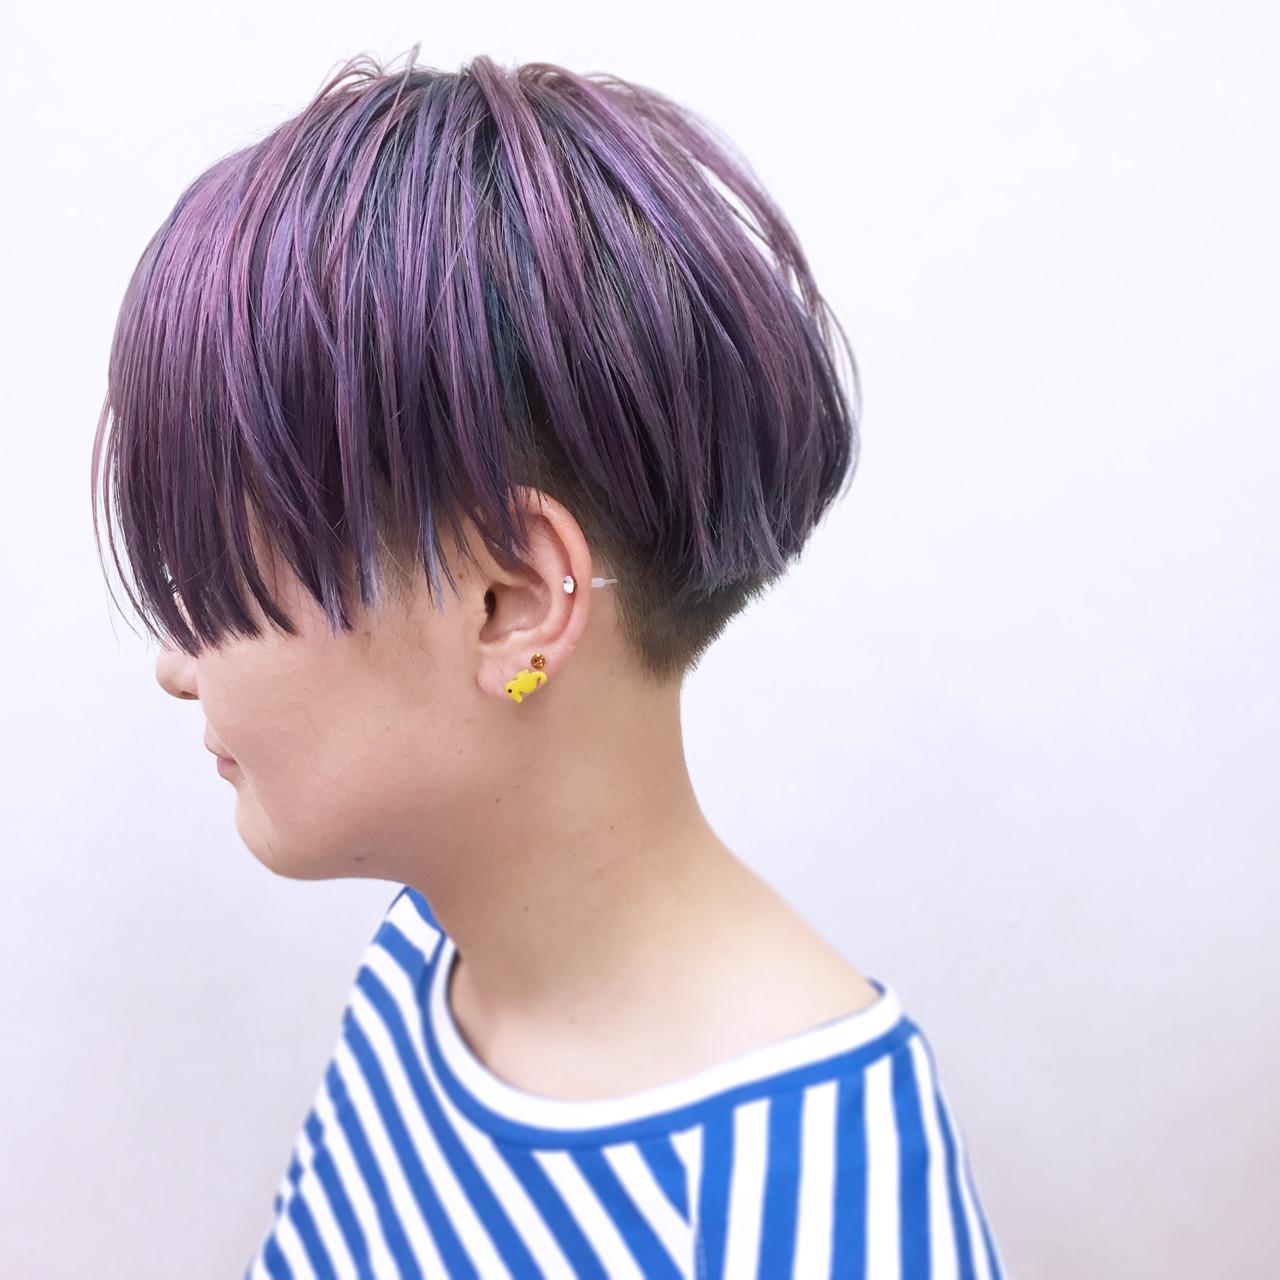 グラデーションカラー ショート ハイトーン レッド ヘアスタイルや髪型の写真・画像